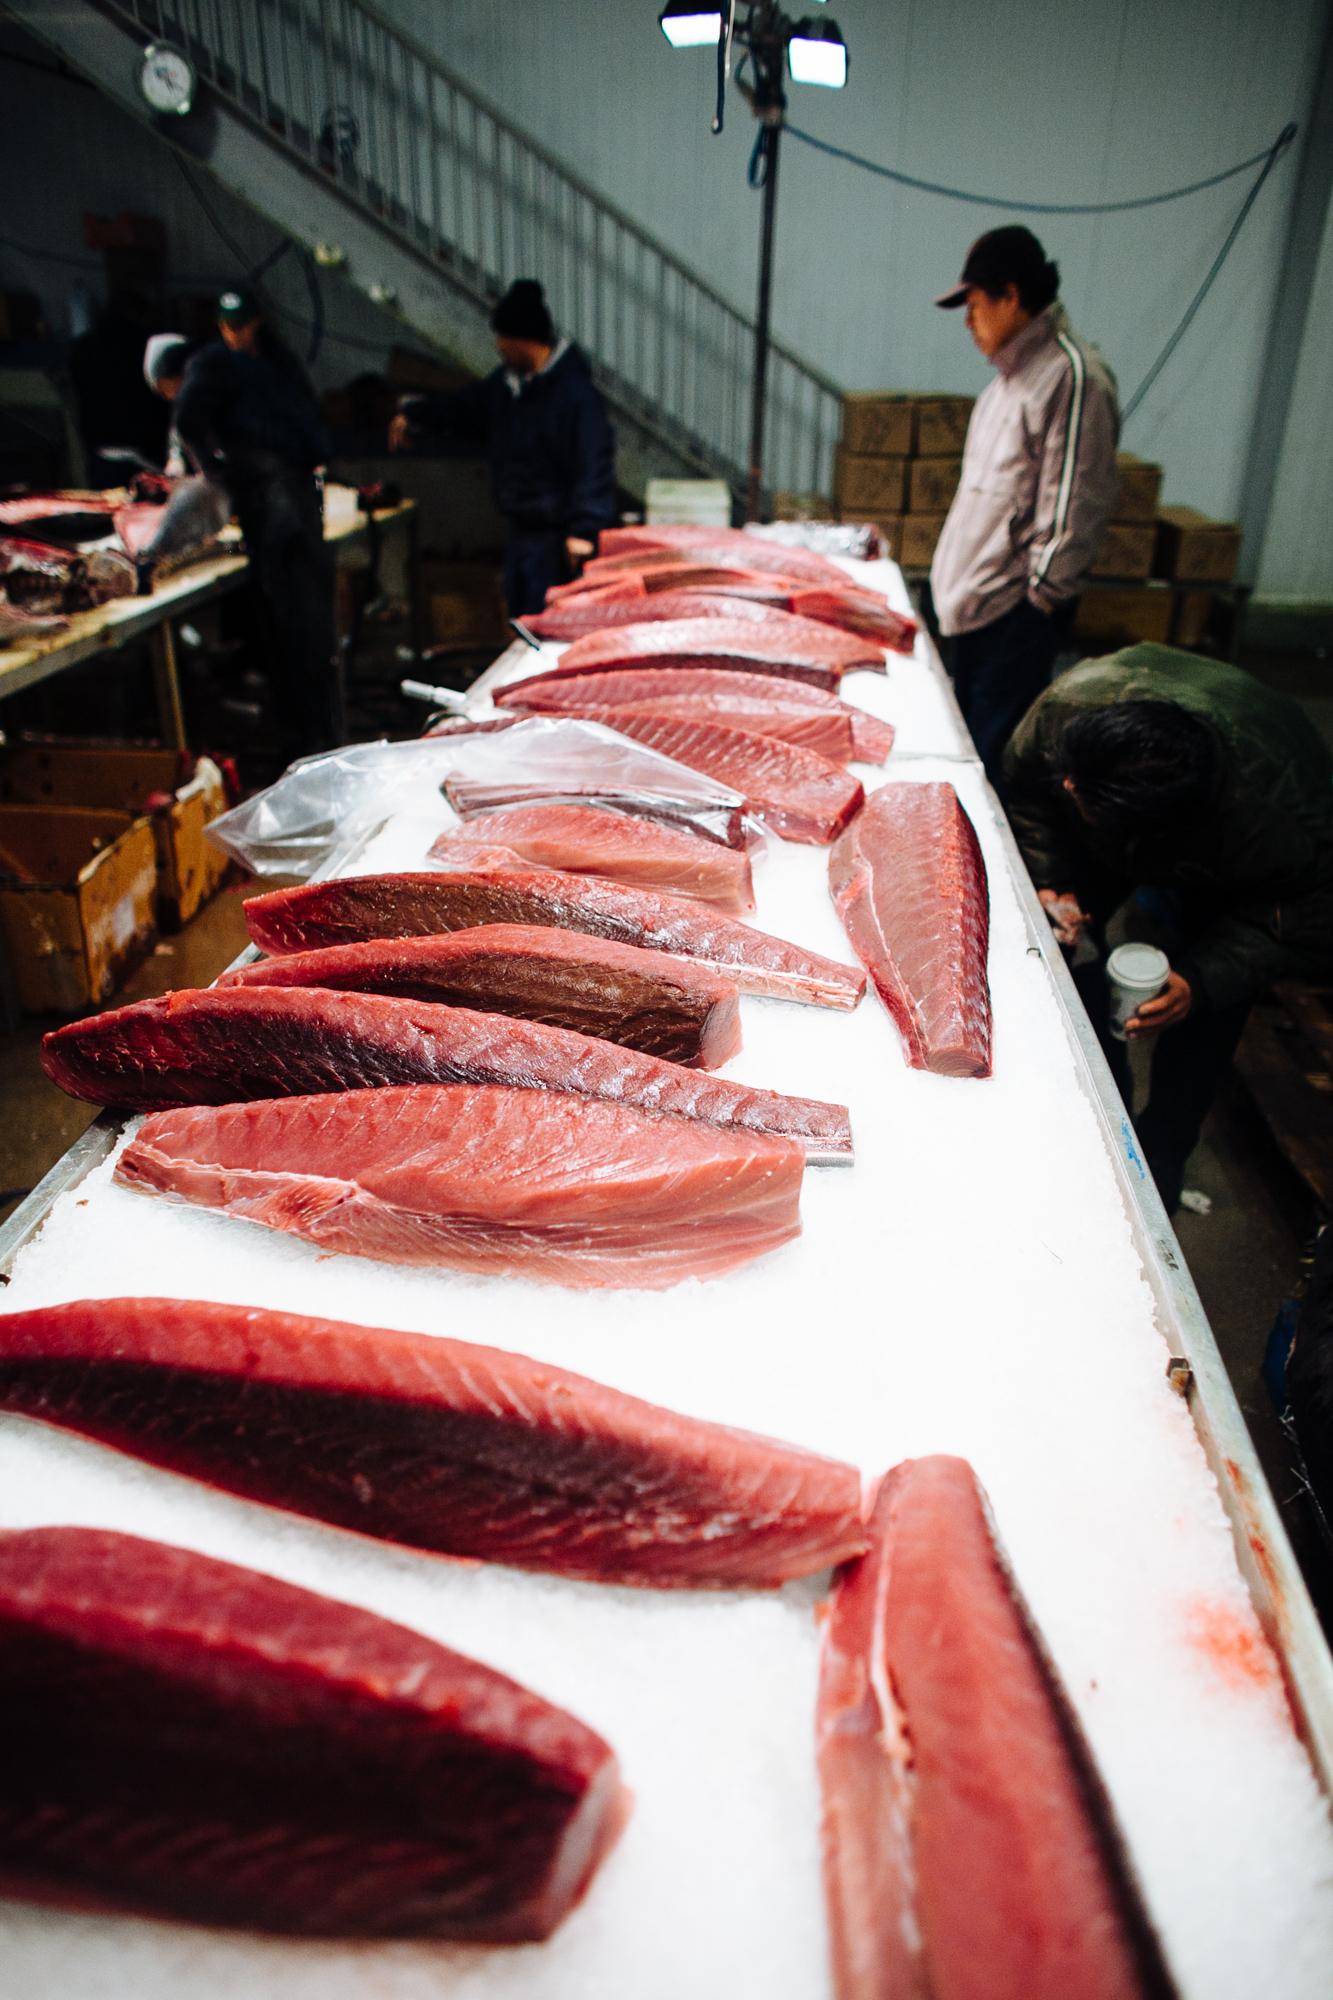 HeatherPhelpsLipton-Fish-HuntsPoint-FultonFishMarket-58.jpg